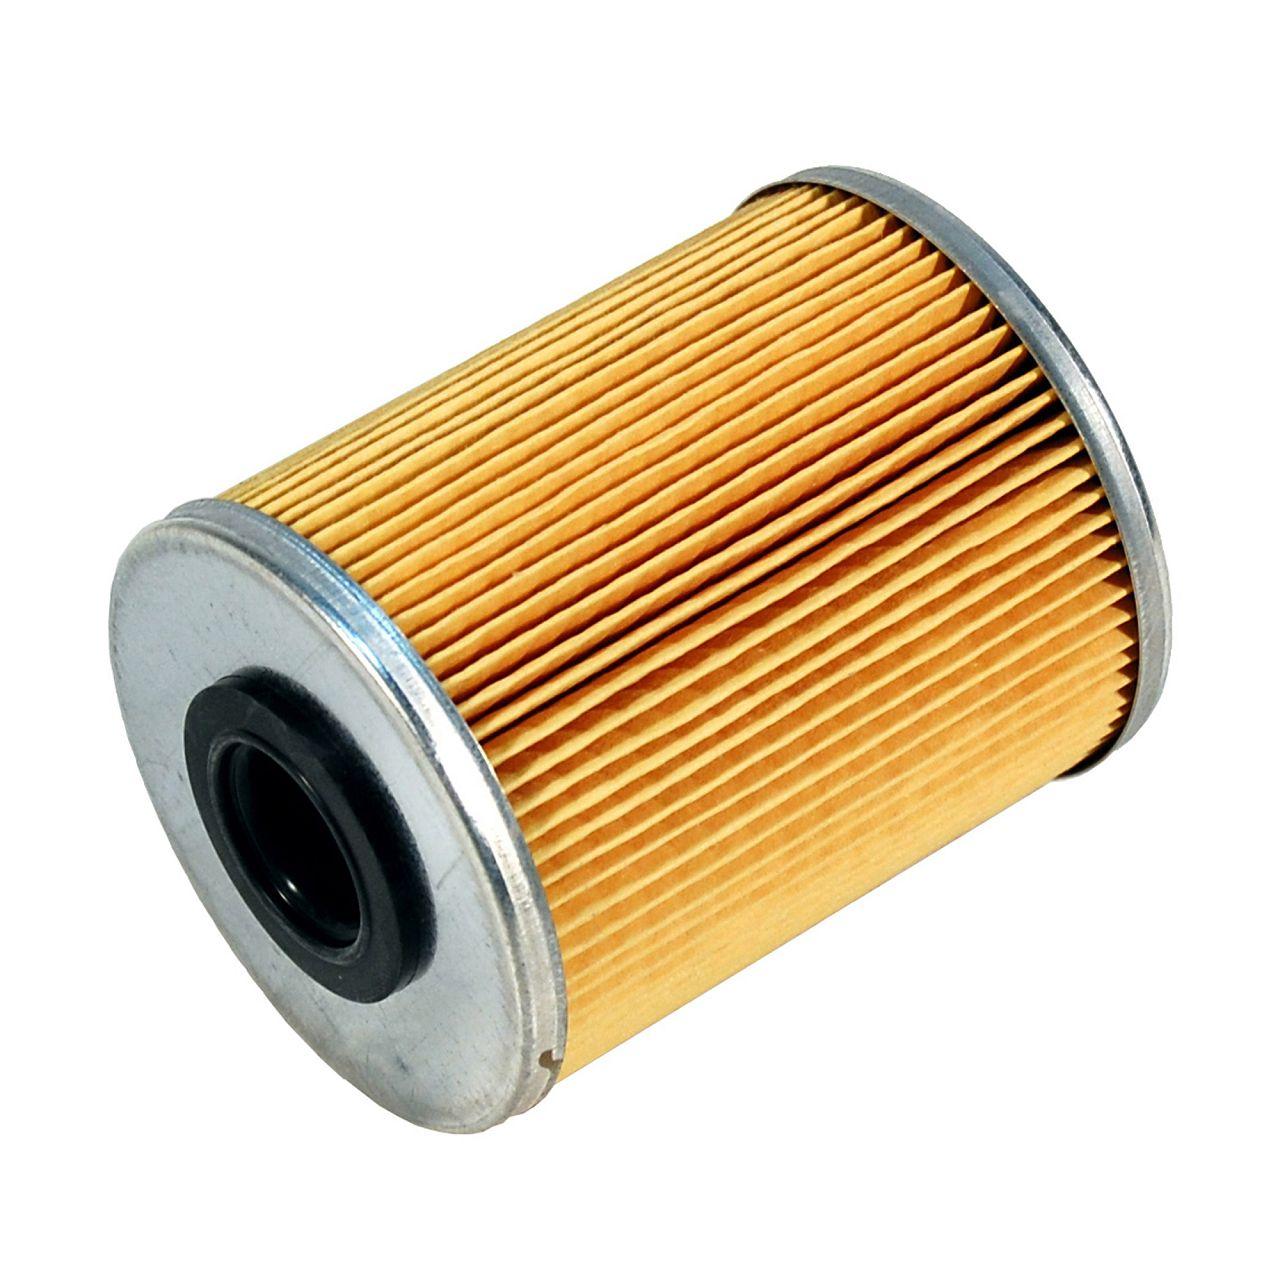 Inspektionskit Filterpaket Filterset 4-tlg RENAULT Megane II 1.9 dCi 90-131 PS